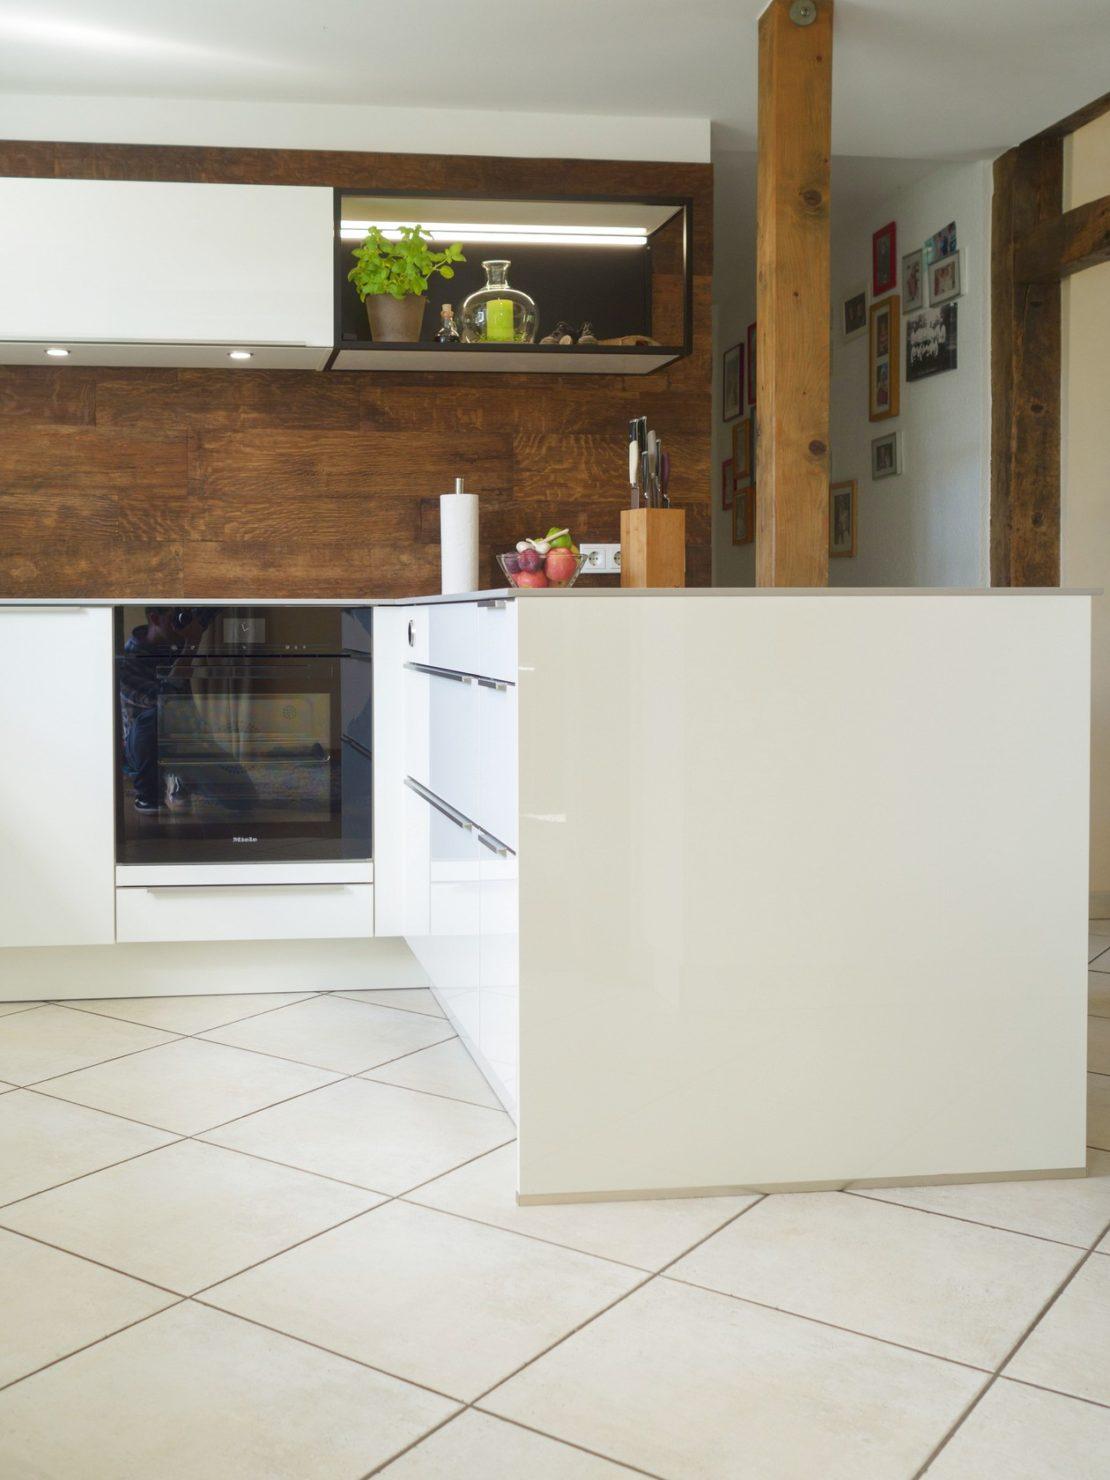 Kueche Fachwerkhaus Hochglanzweiss Keramikarbeitsplatten Rueckwand Alteiche Schreinerei Miele Geraeten 6